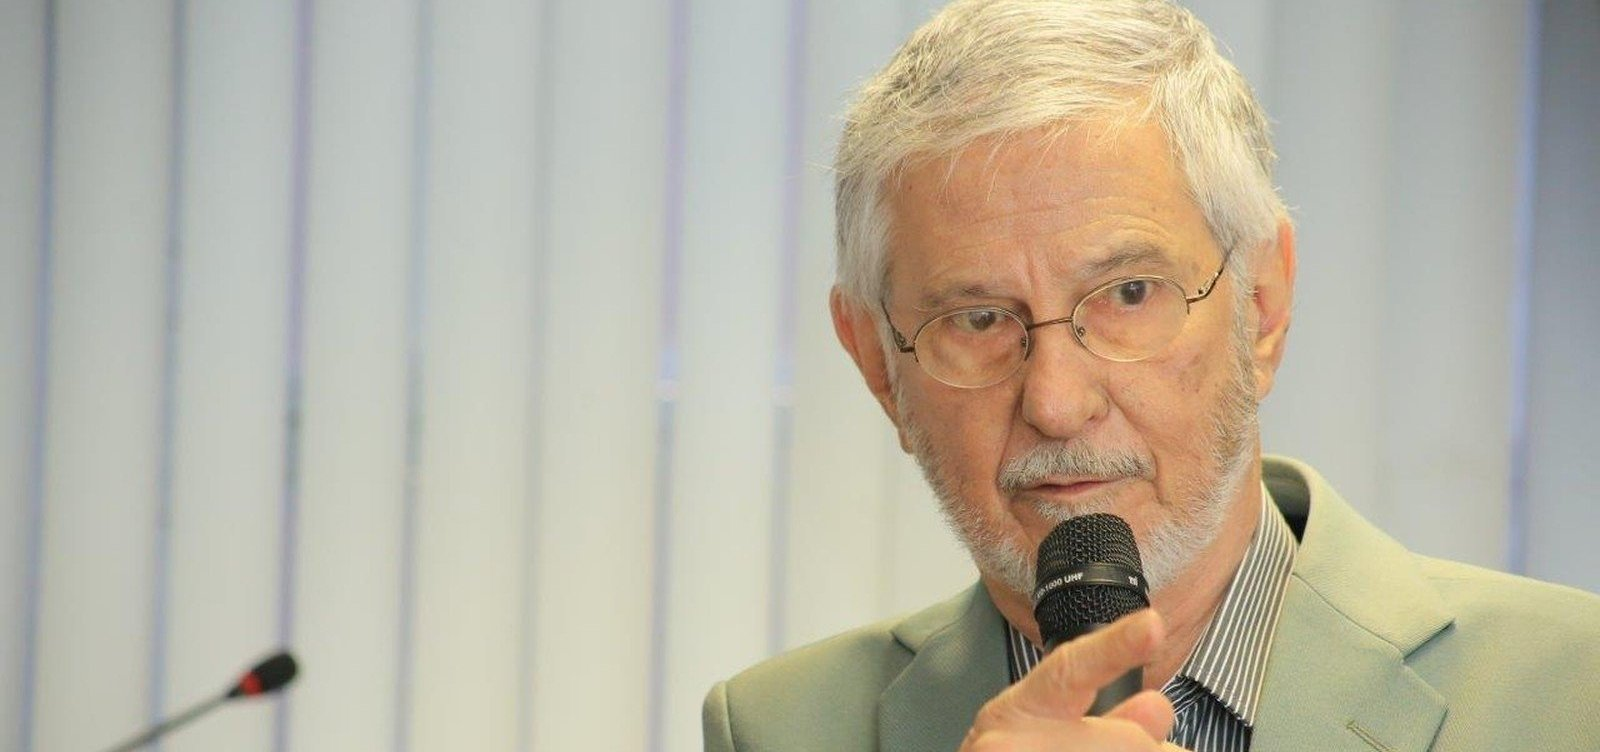 [Morre, aos 84 anos, ex-presidente da Câmara dos Deputados Ibsen Pinheiro]